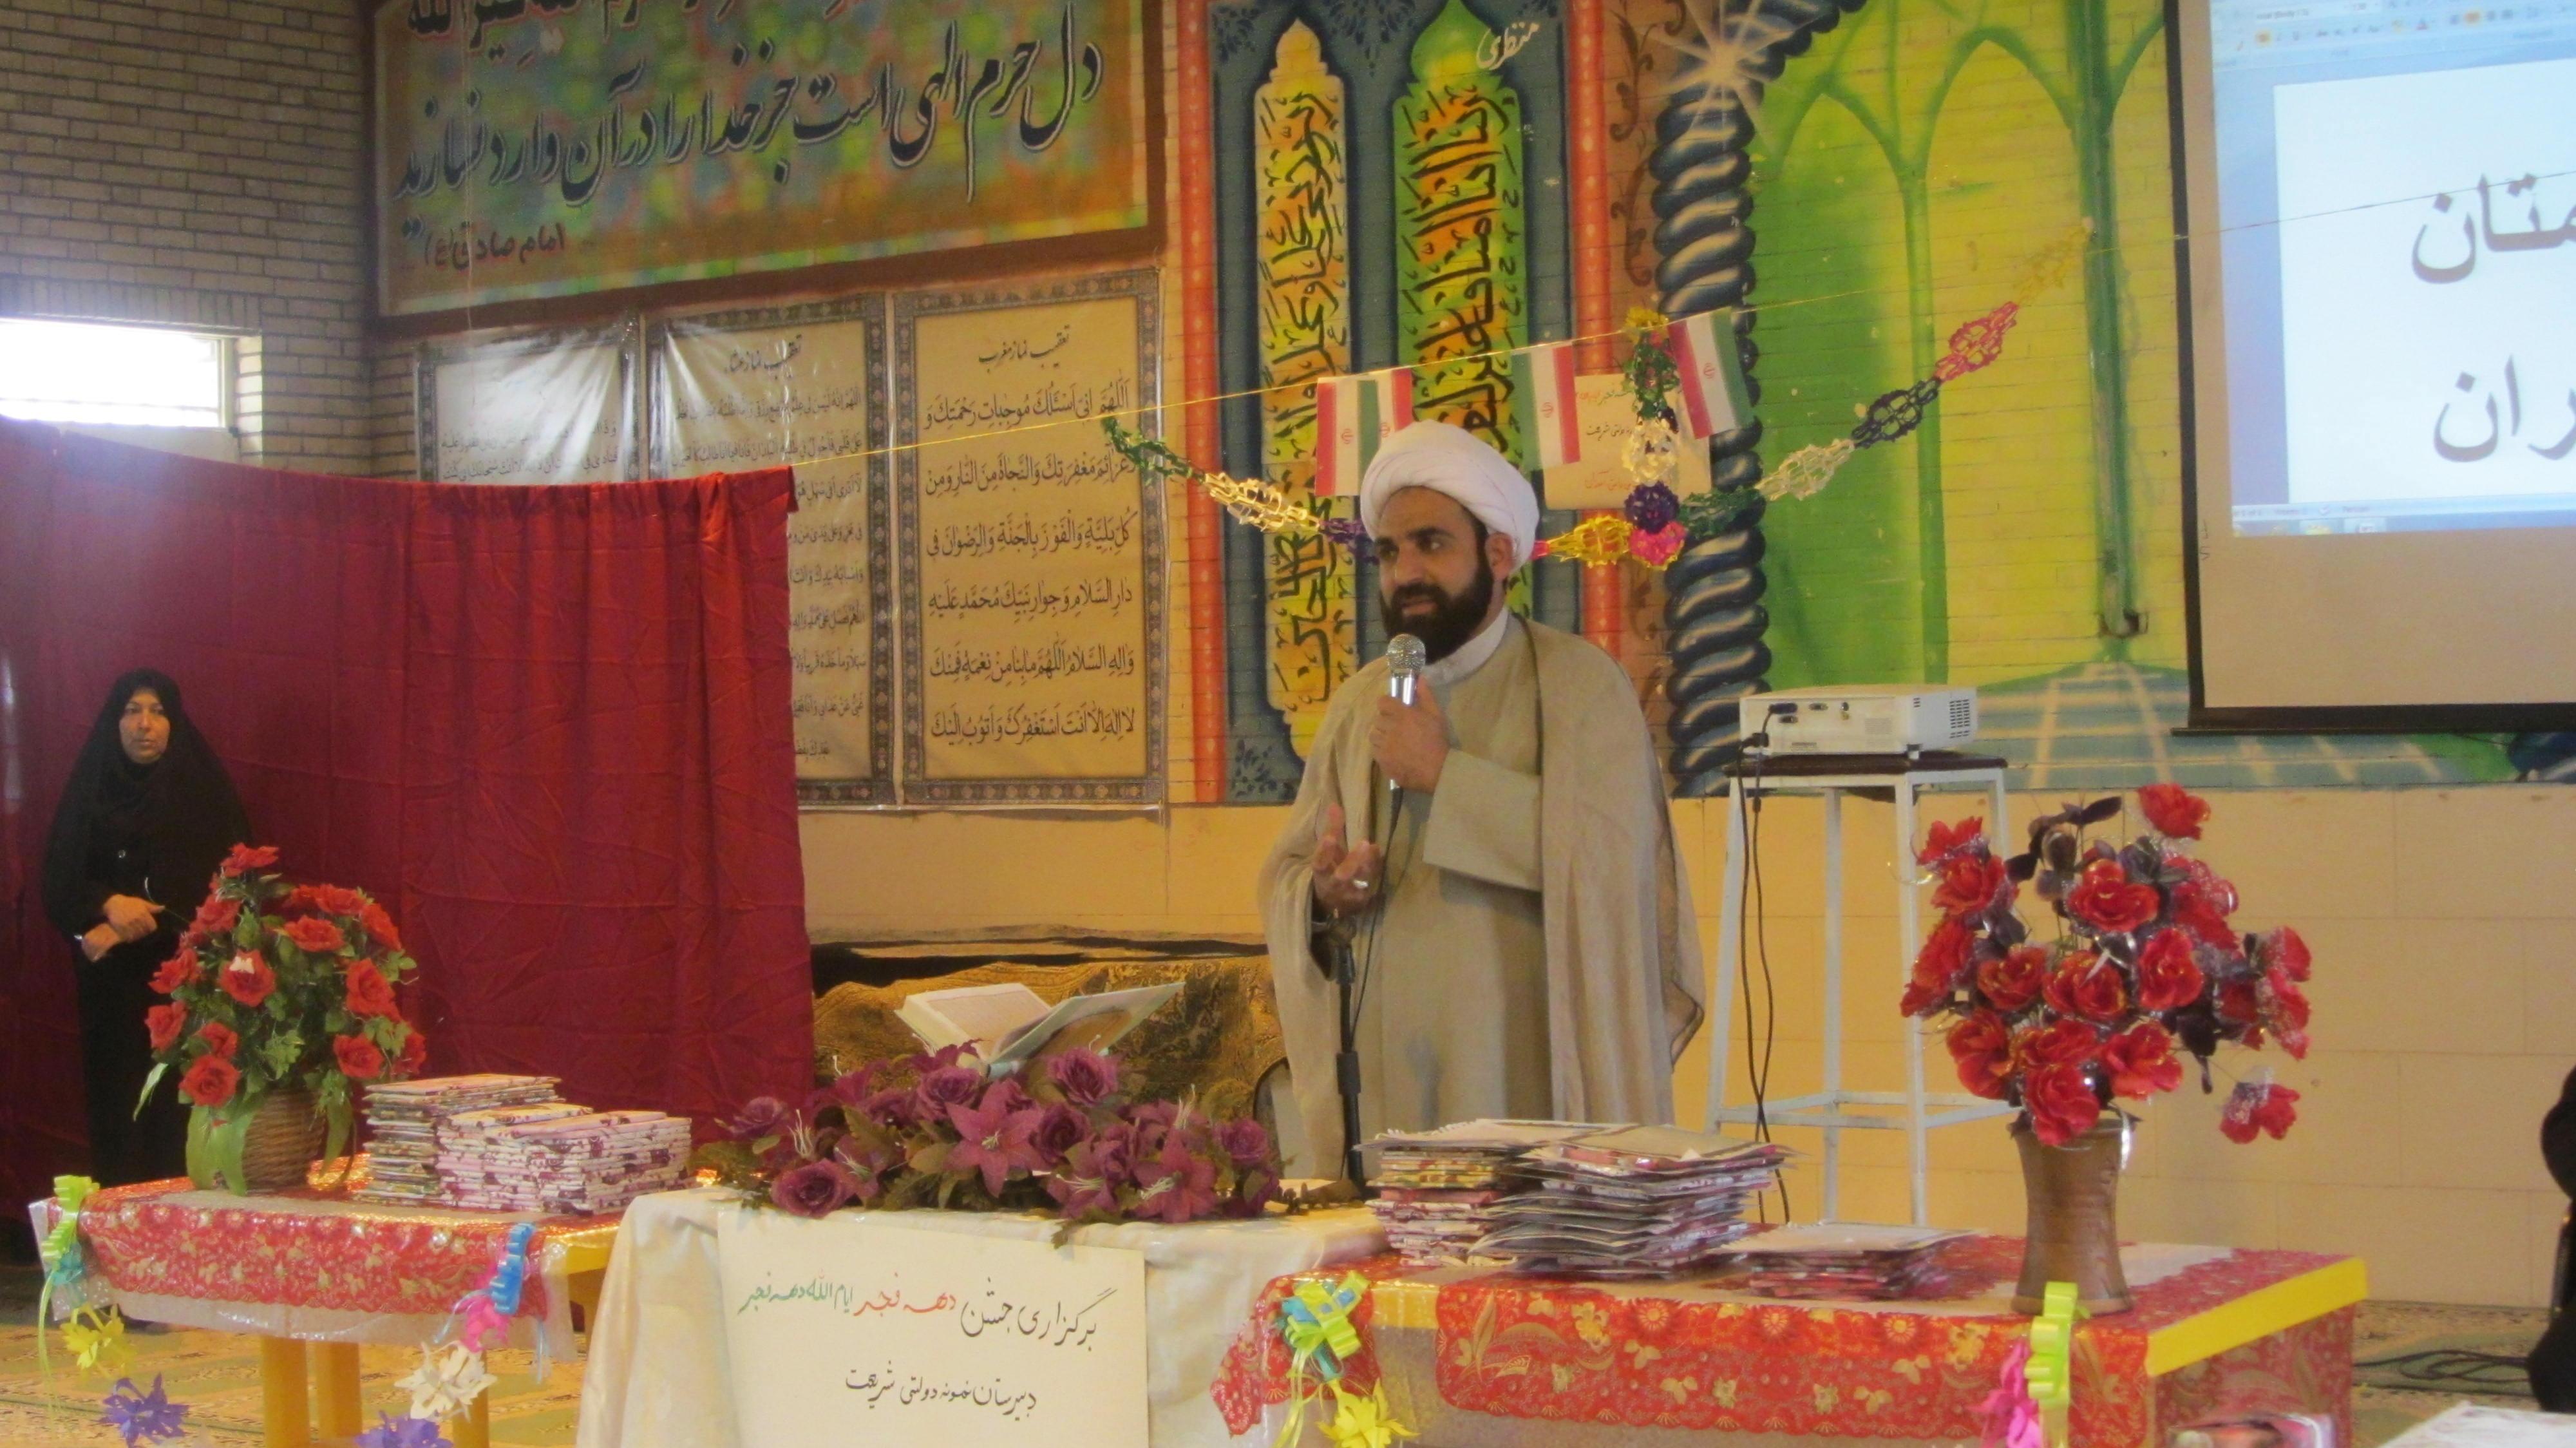 حضور امام جمعه شهرستان بافت حجت الاسلام مهدي زاده در مدرسه دخترانه شريعت